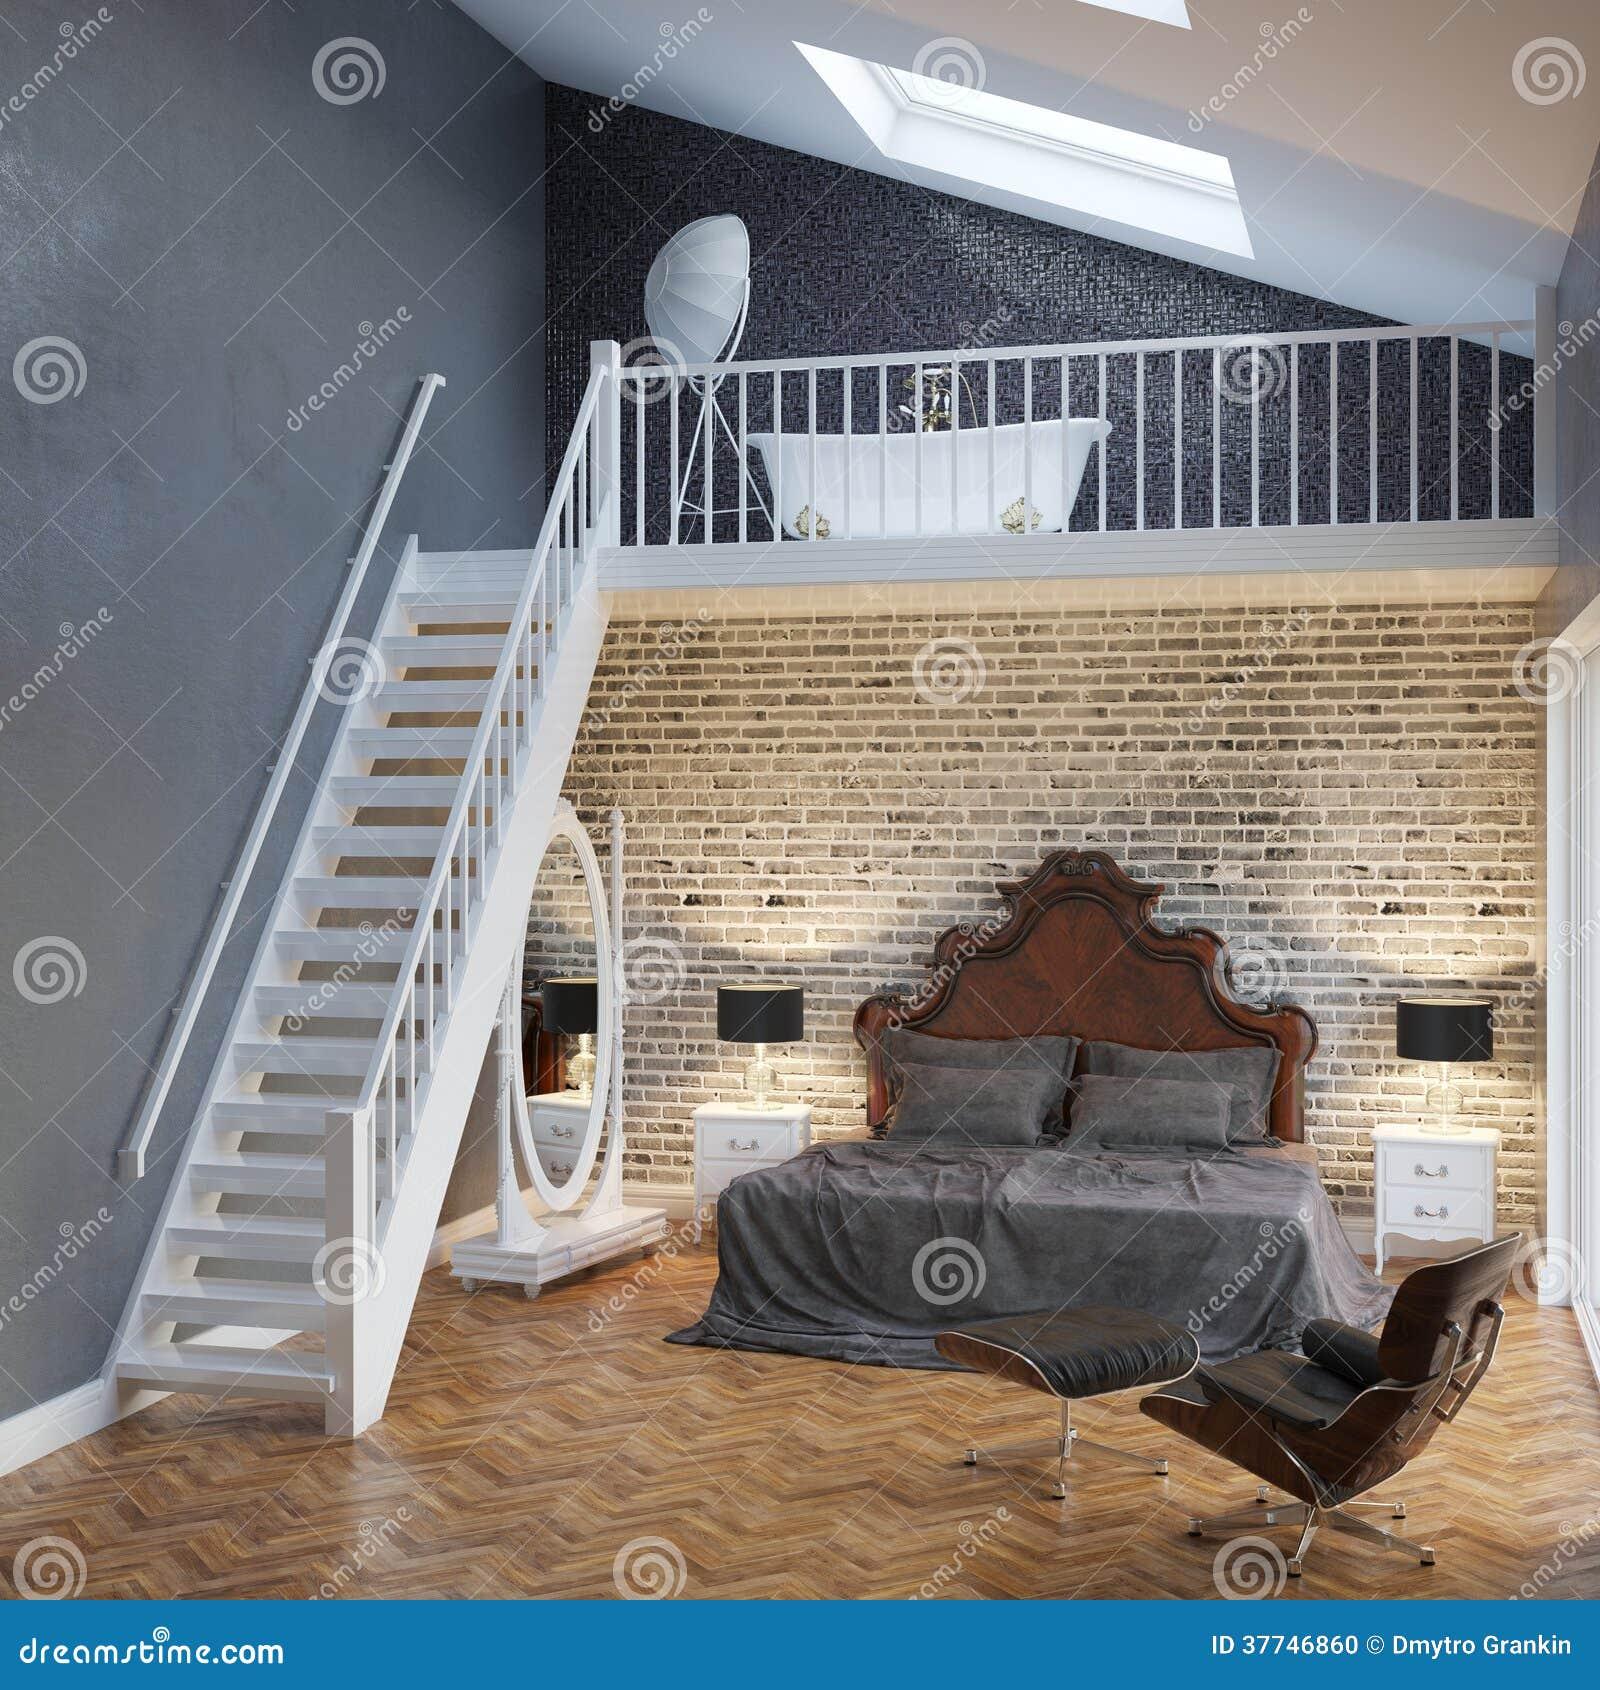 grand int rieur de chambre coucher avec des escaliers et des meubles de vintage photo stock. Black Bedroom Furniture Sets. Home Design Ideas